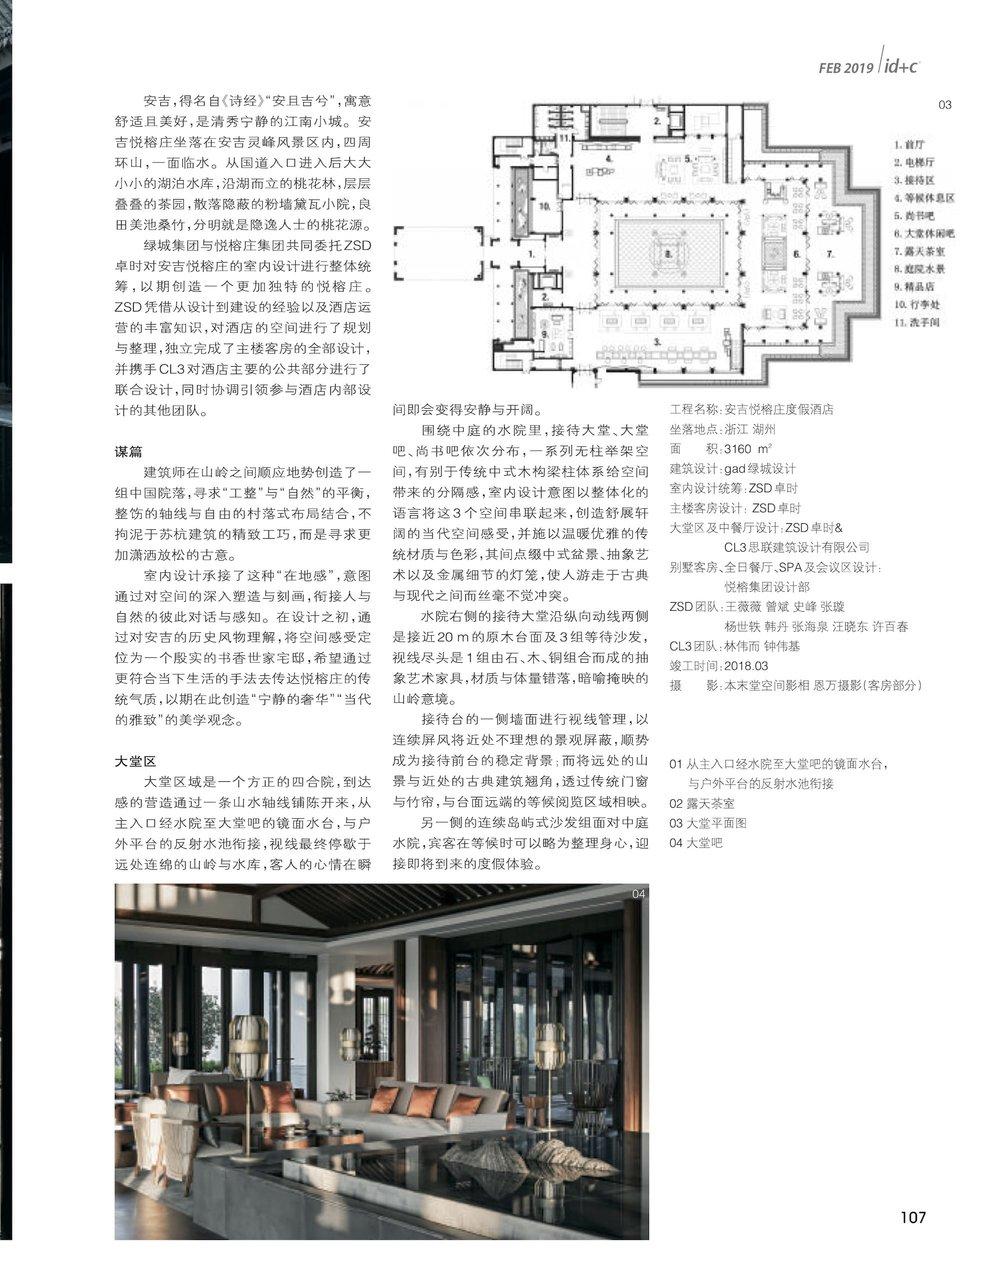 201902 ID+C 安吉悦榕庄度假酒店2.jpg